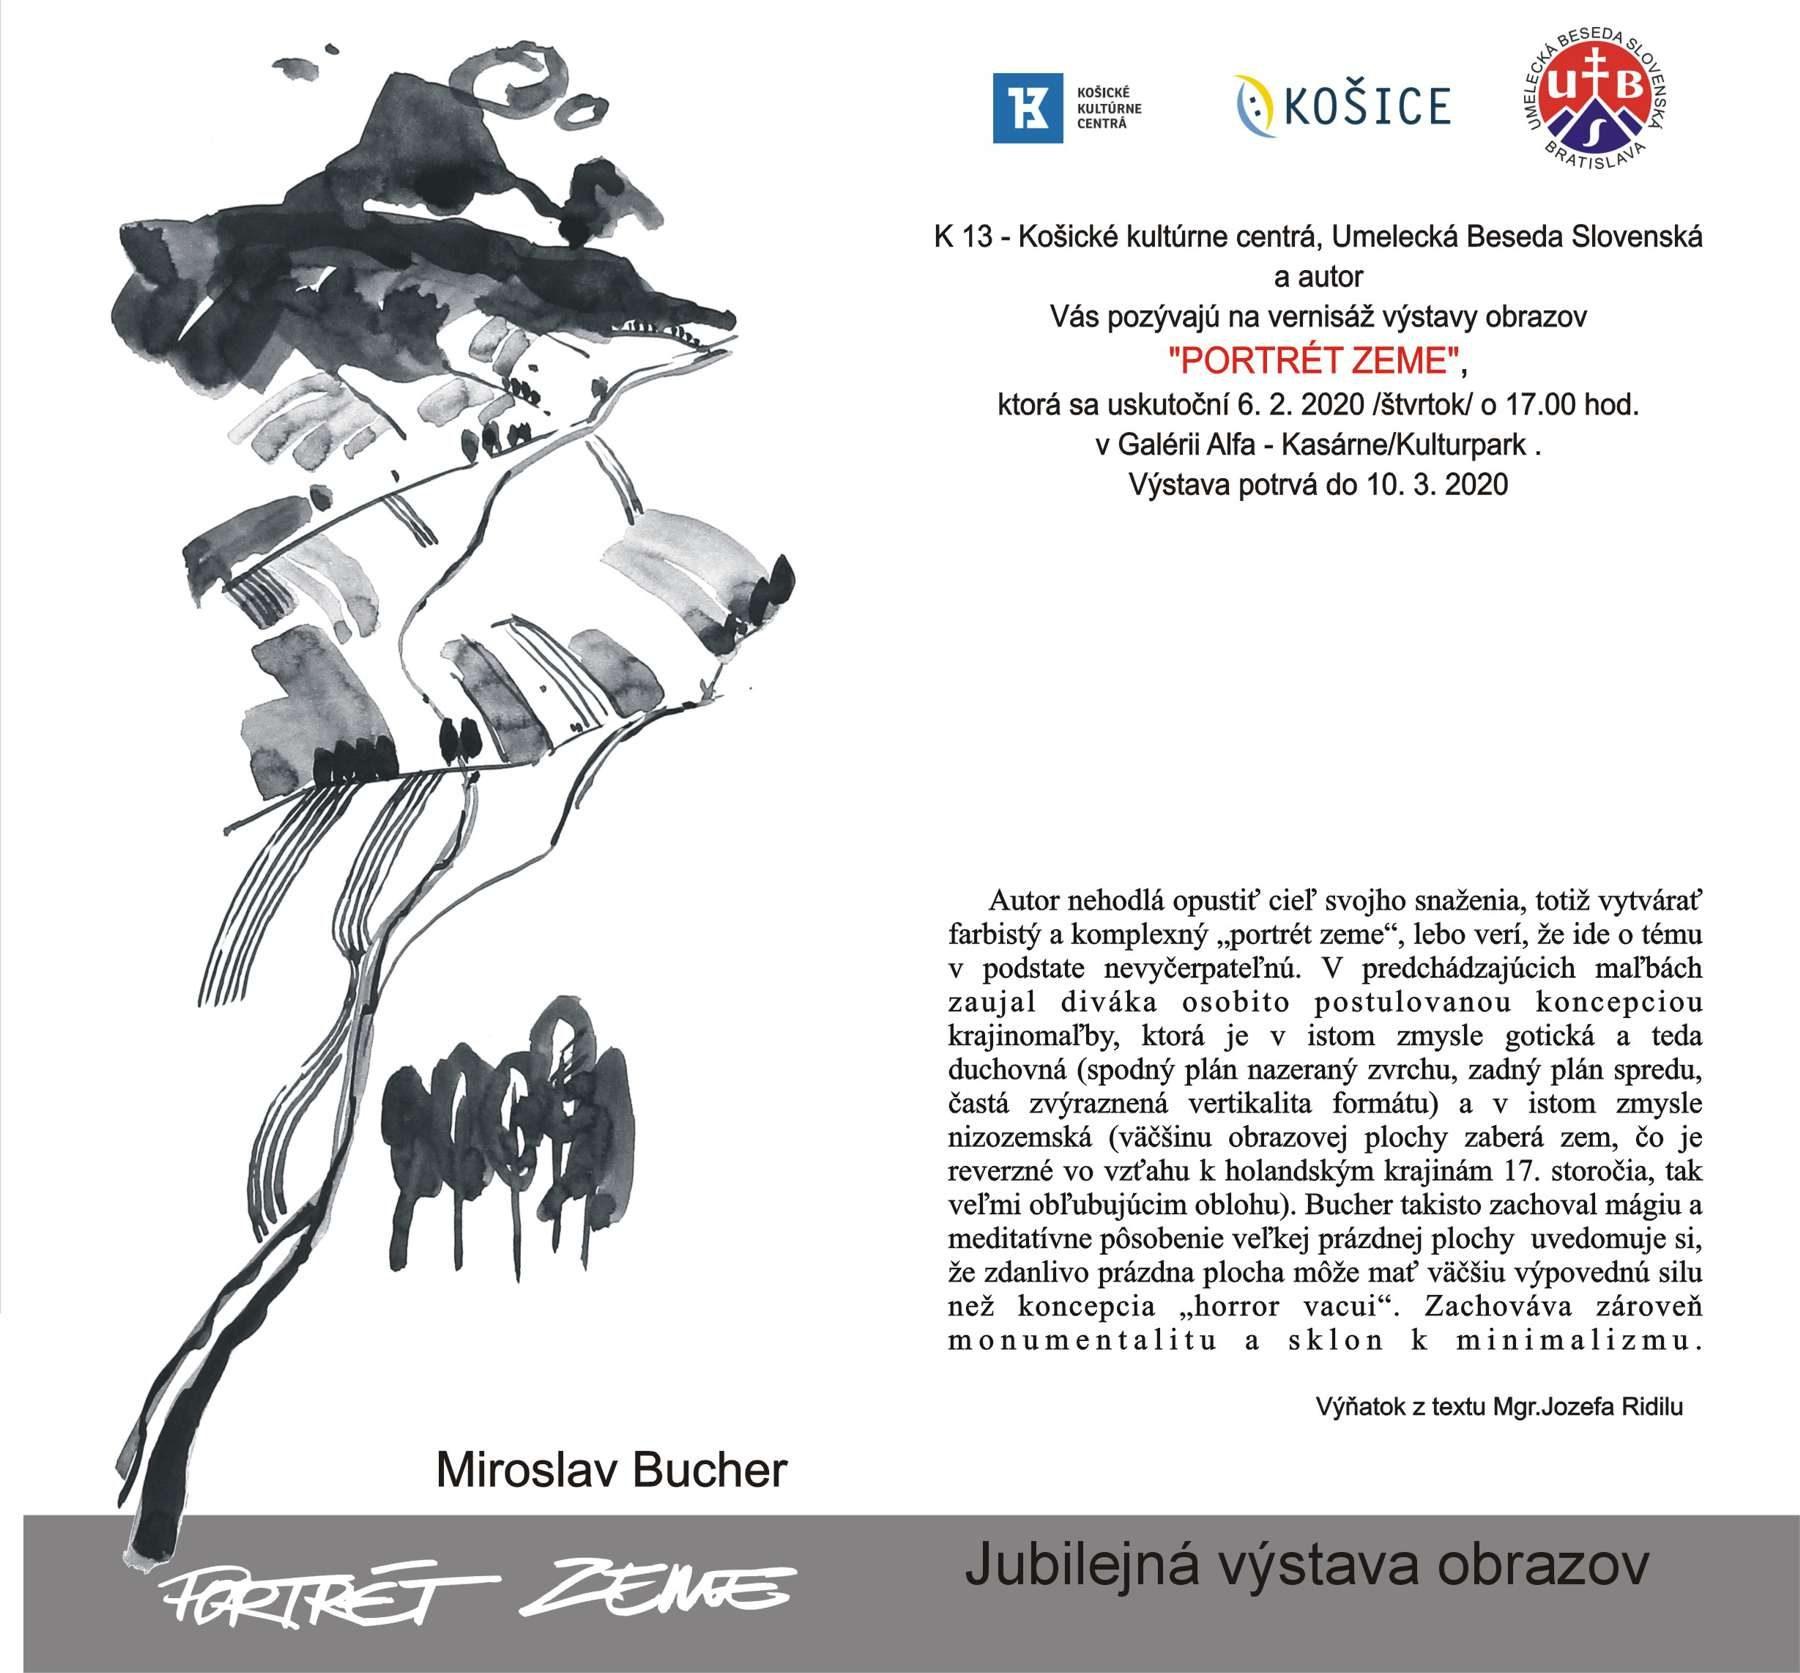 miroslav-bucher-portret-zeme-vystava-kosice-2020